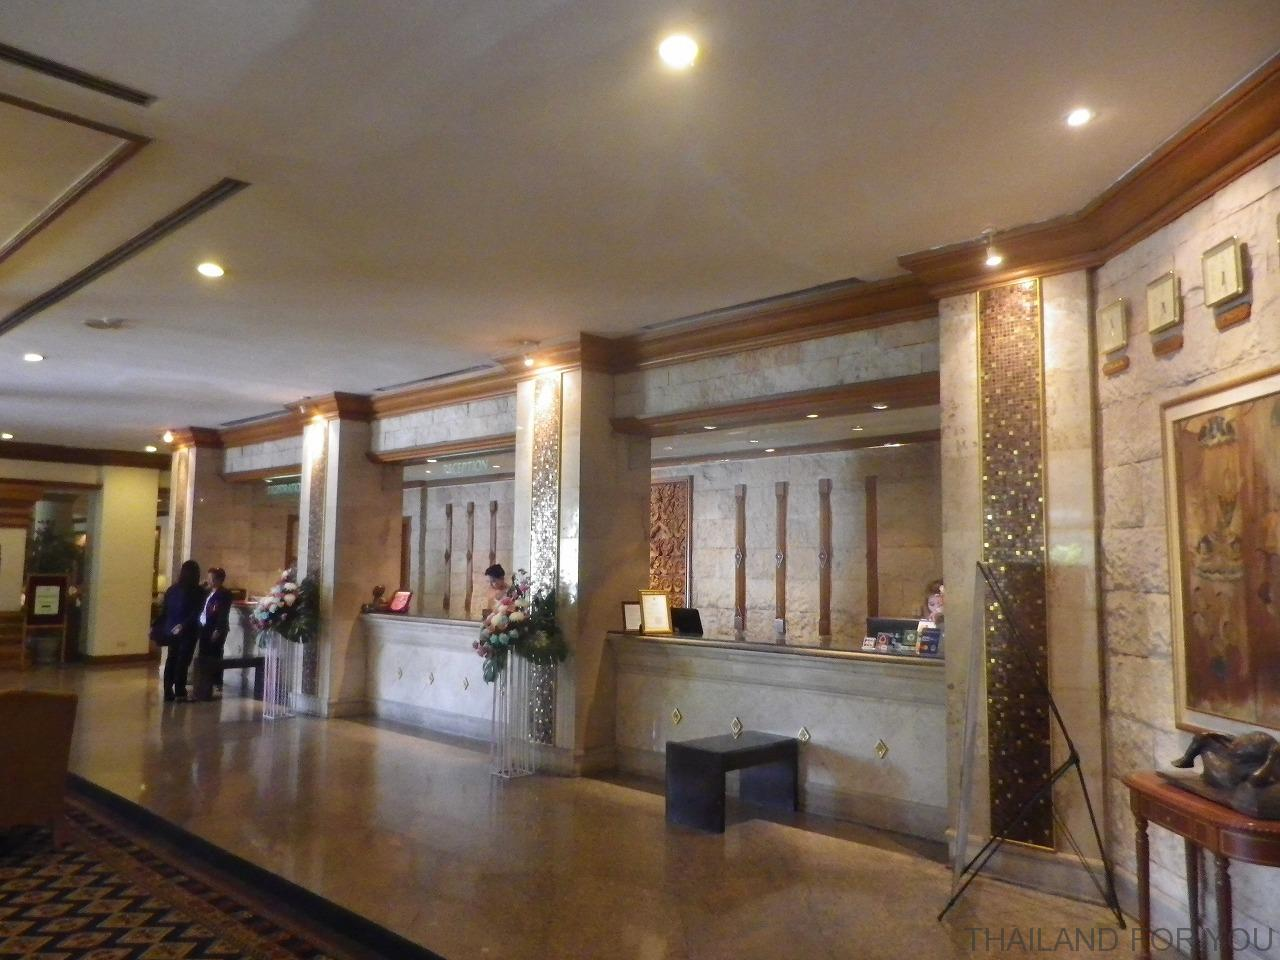 ワィアン イン ホテル (Wiang Inn Hotel)の写真